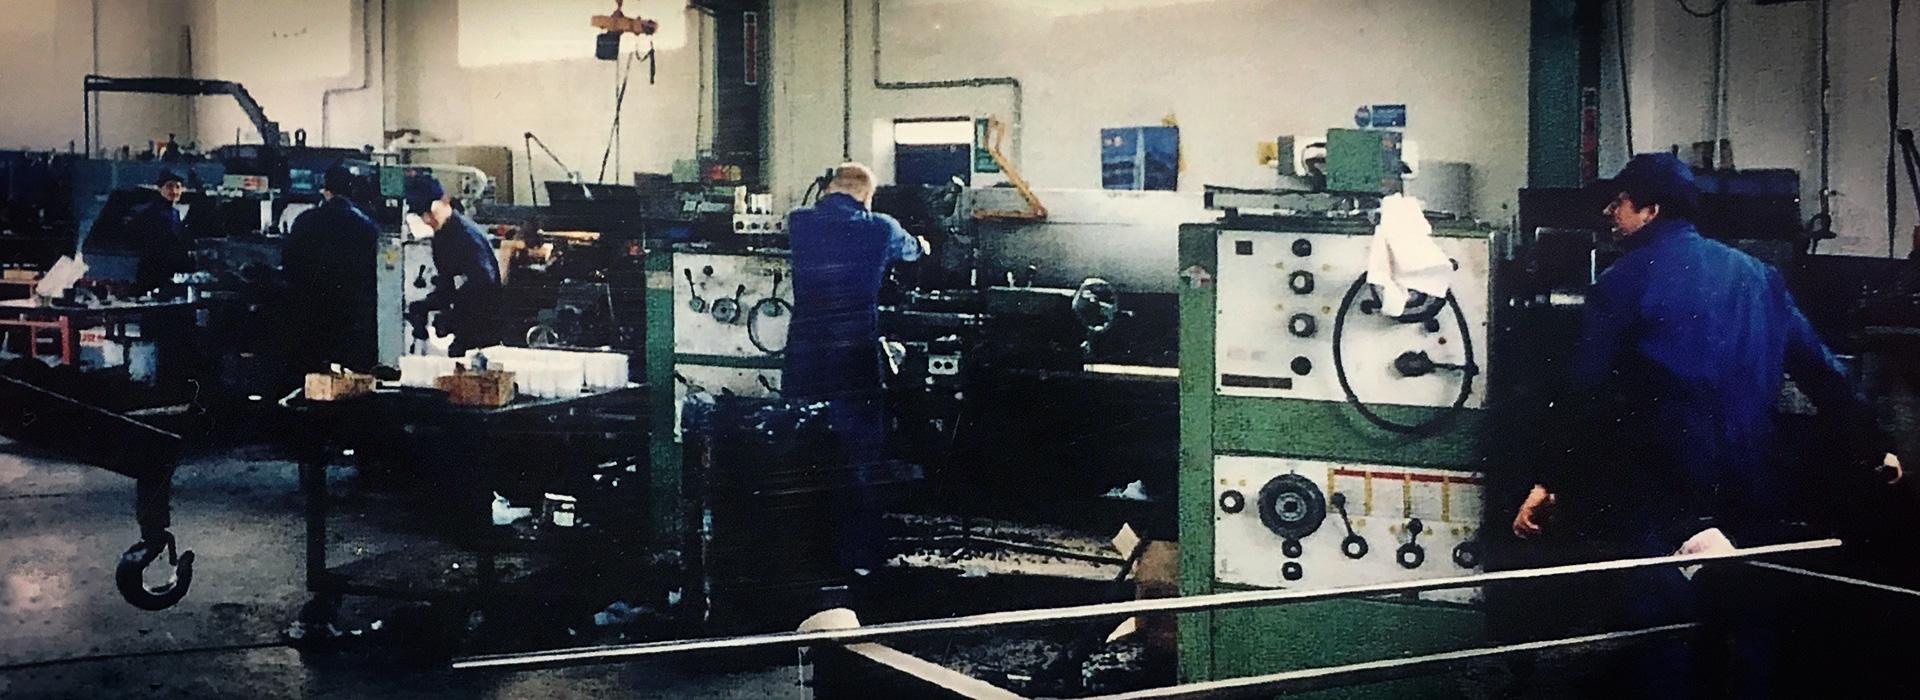 Meccanica di precisione - Ferri Tech Srl